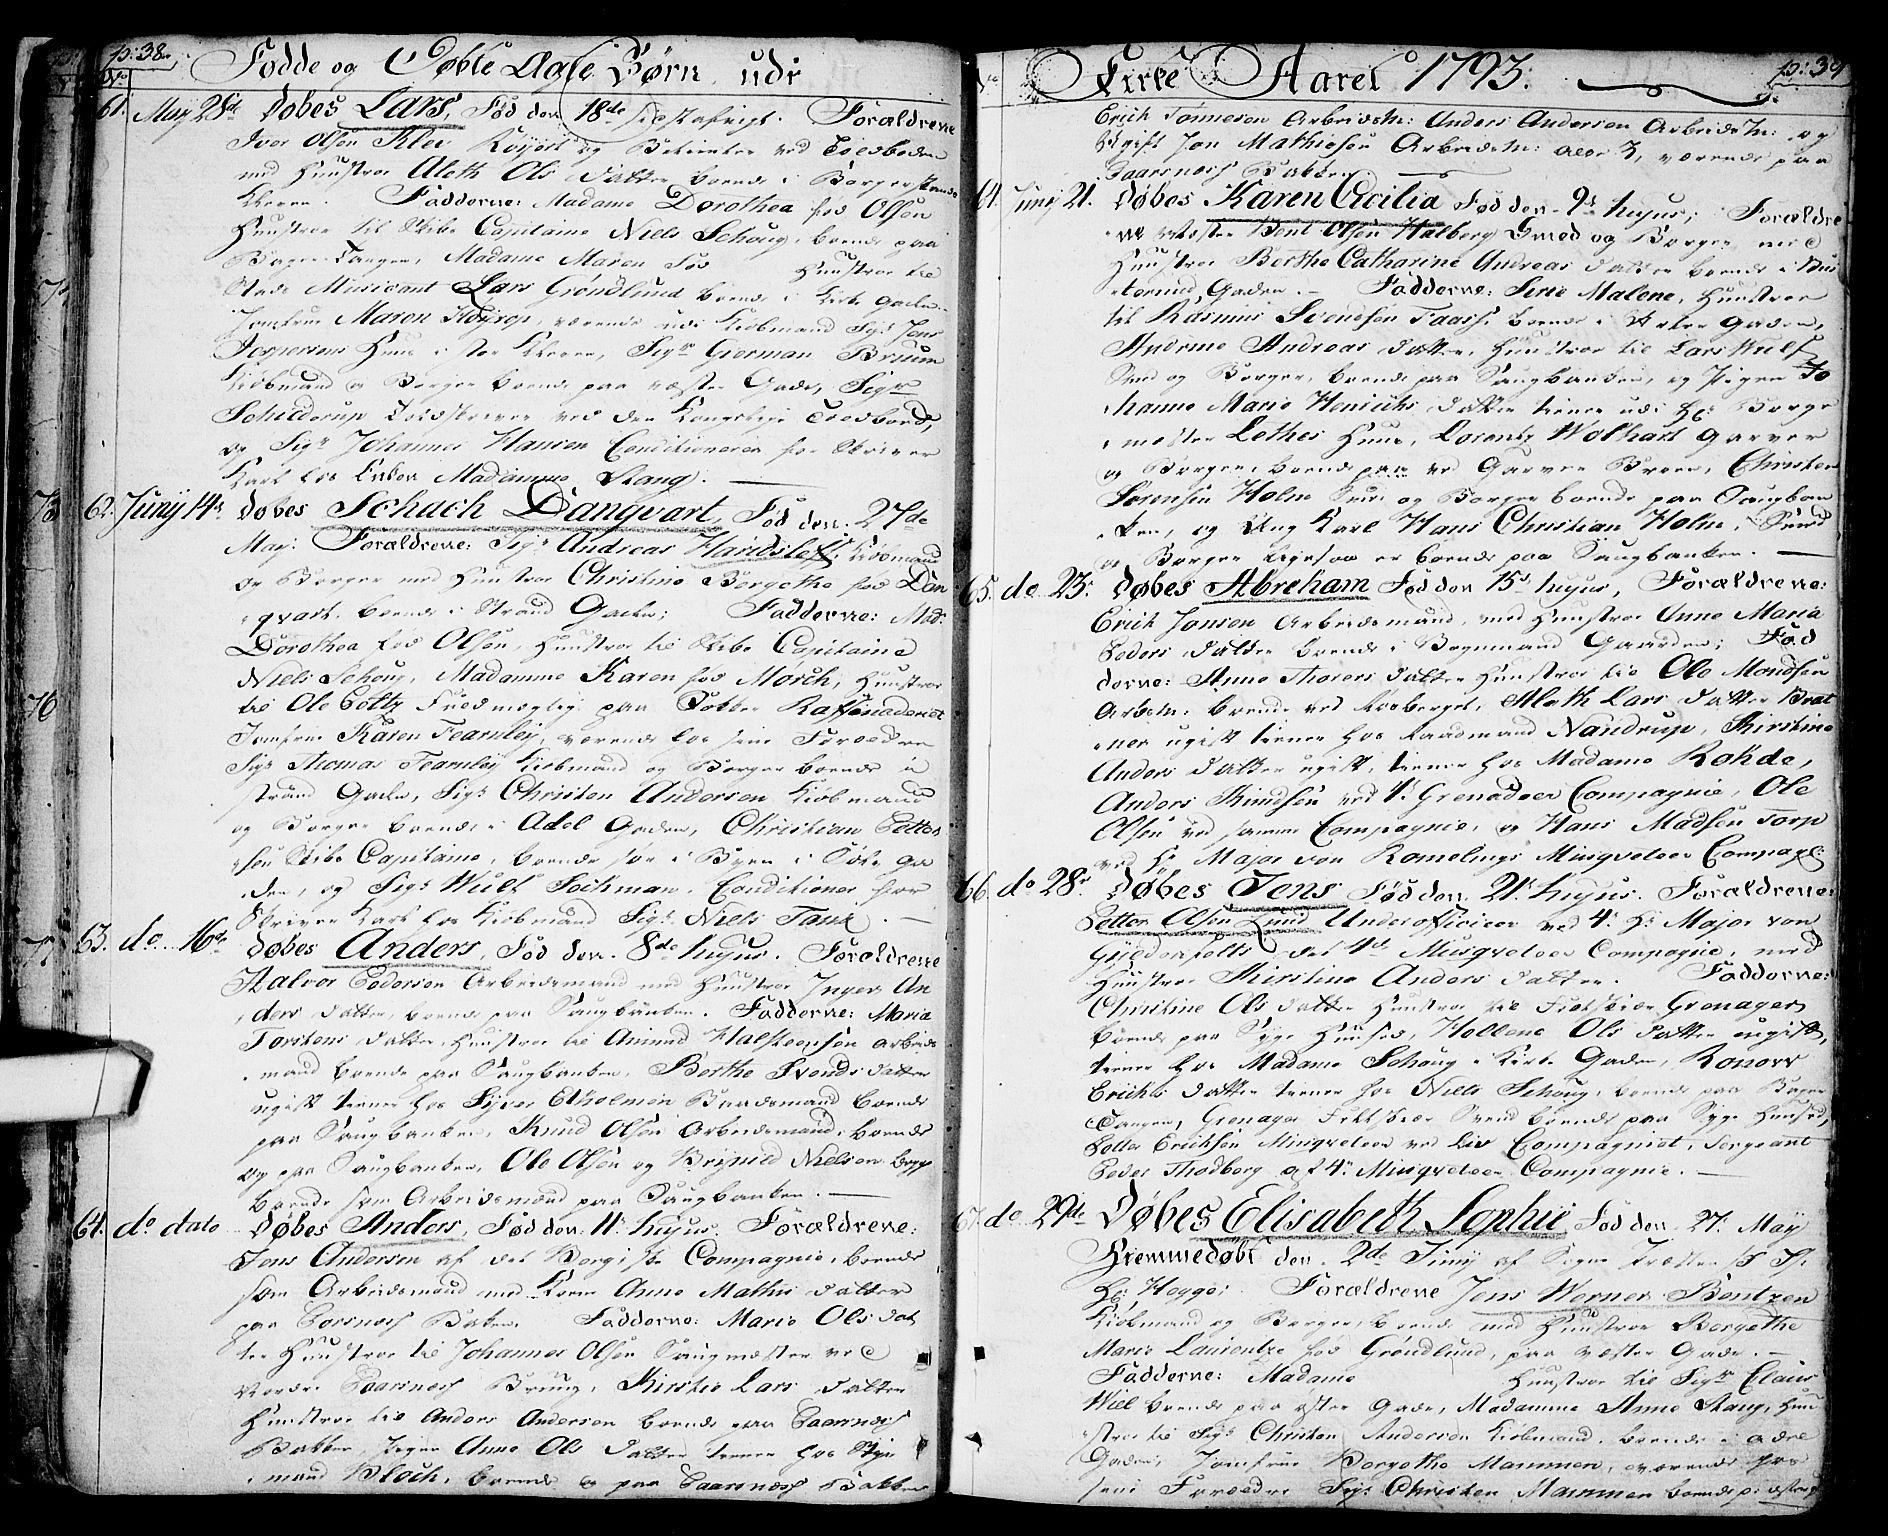 SAO, Halden prestekontor Kirkebøker, F/Fa/L0002: Ministerialbok nr. I 2, 1792-1812, s. 38-39